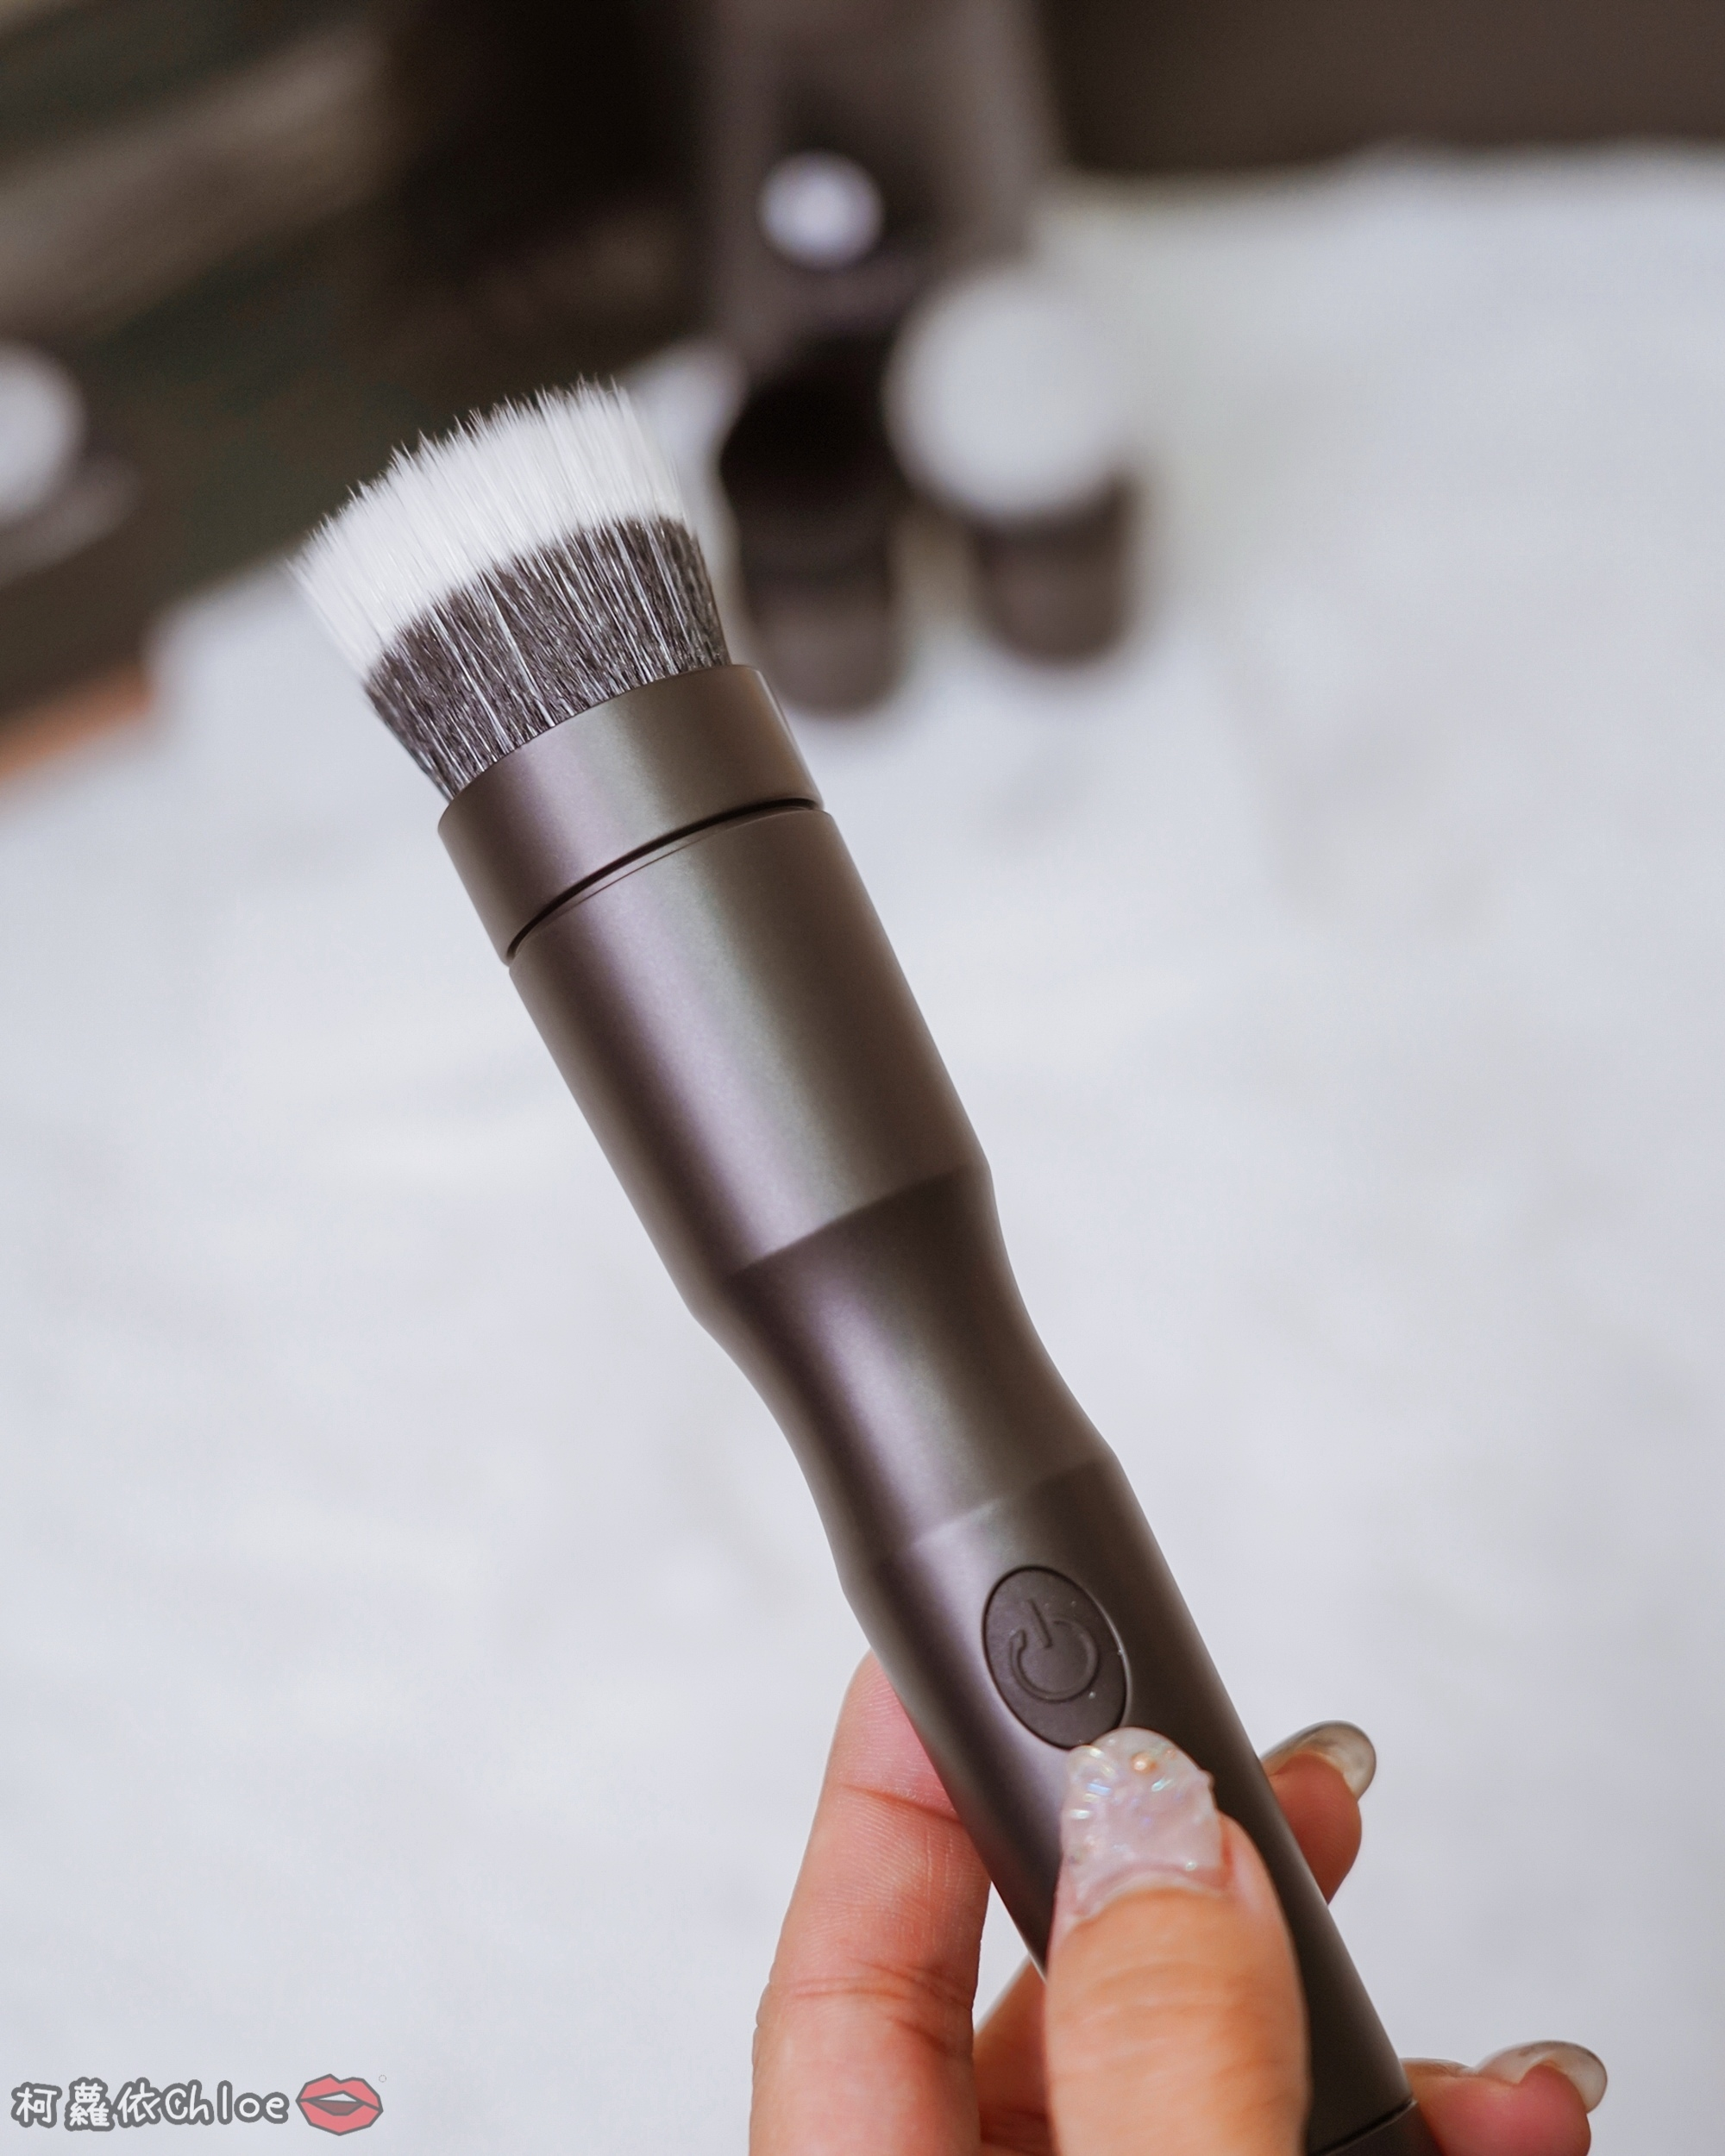 彩妝工具推薦 blendSMART電動化妝刷 達人套裝開箱 上妝輕柔更有效率15.jpg